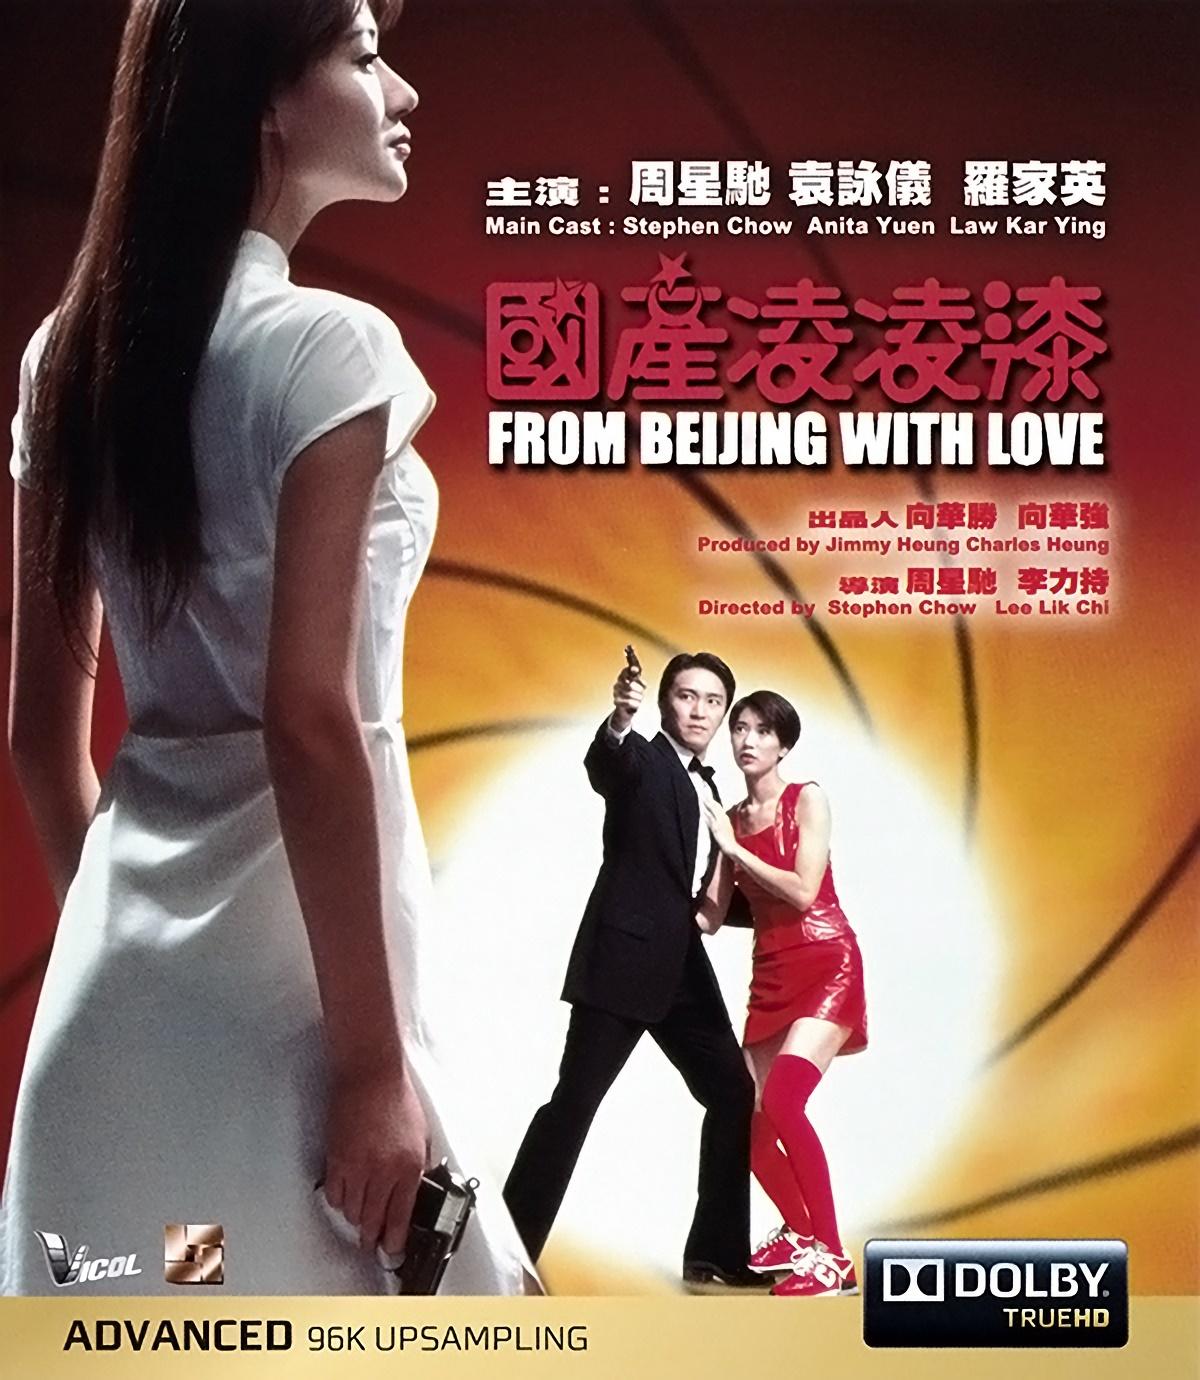 國產凌凌漆 國粵雙語 原盤繁簡英SUP字幕 From Beijing with Love 1994 BluRay 1080p 2Audio TrueHD 5.1 x265.10bit-BeiTai